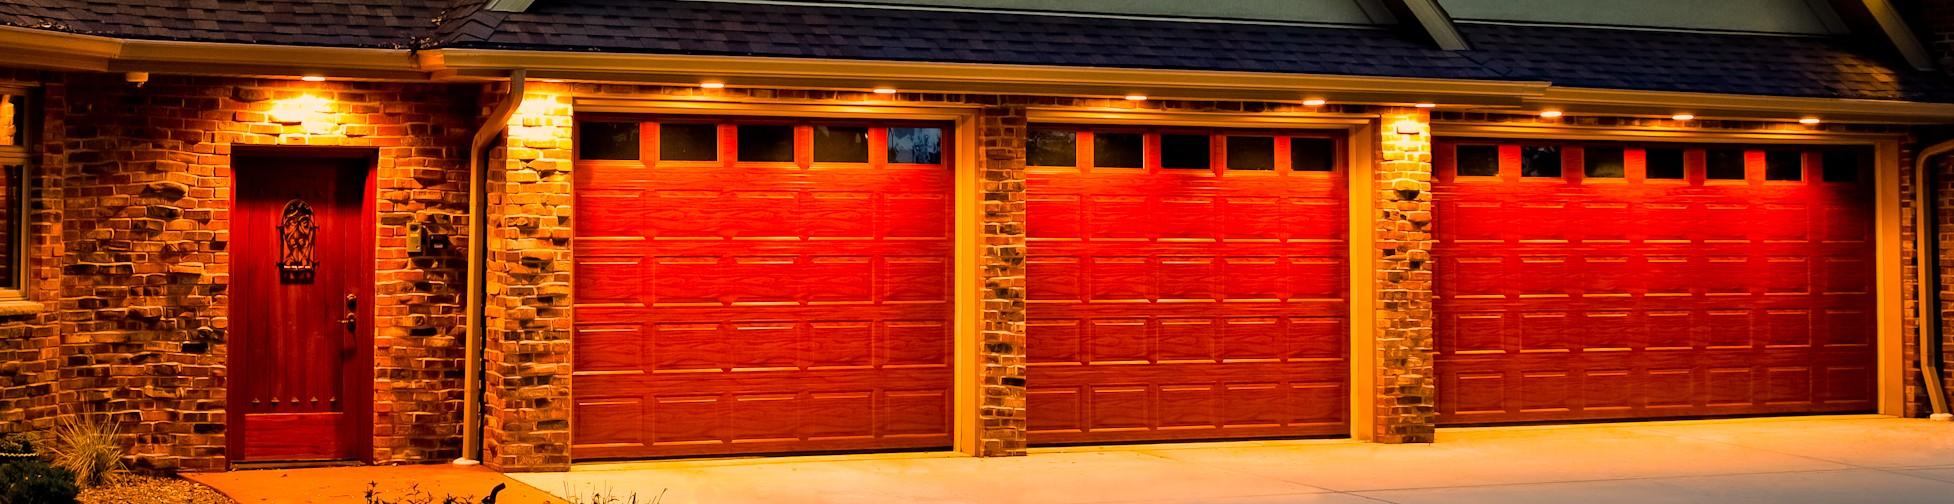 Delicieux Garage Doors Repair, Replacement And Garage Door Screens.